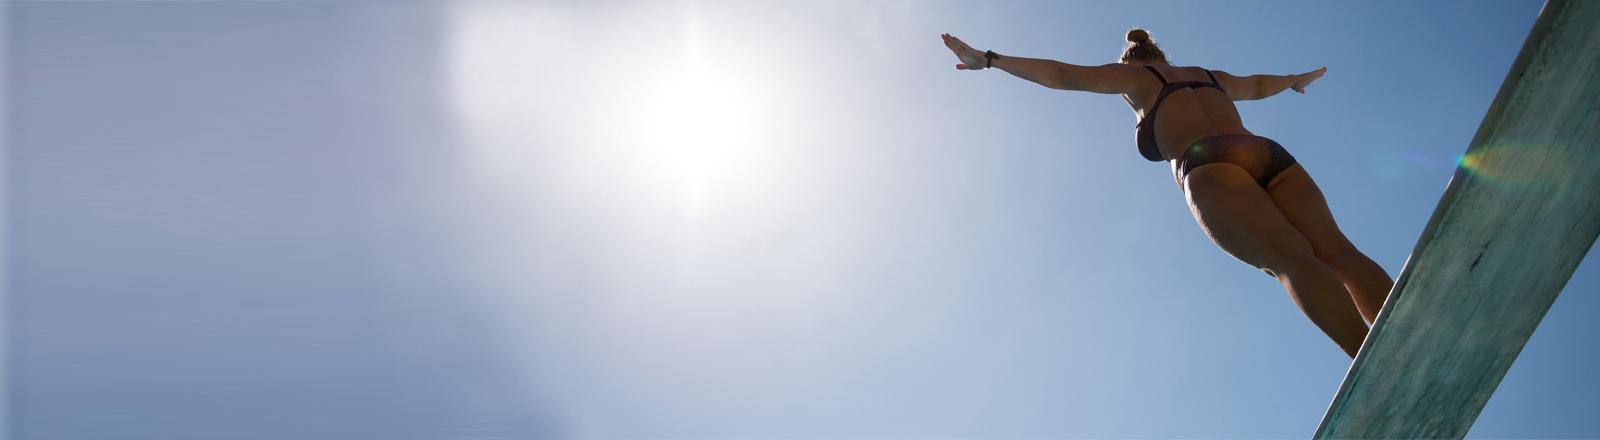 Maria (28) steht am 04.06.2015 im Schwimmbad Billstedt in Hamburg auf dem Drei-Meter-Brett und bereitet sich auf den Sprung vor.